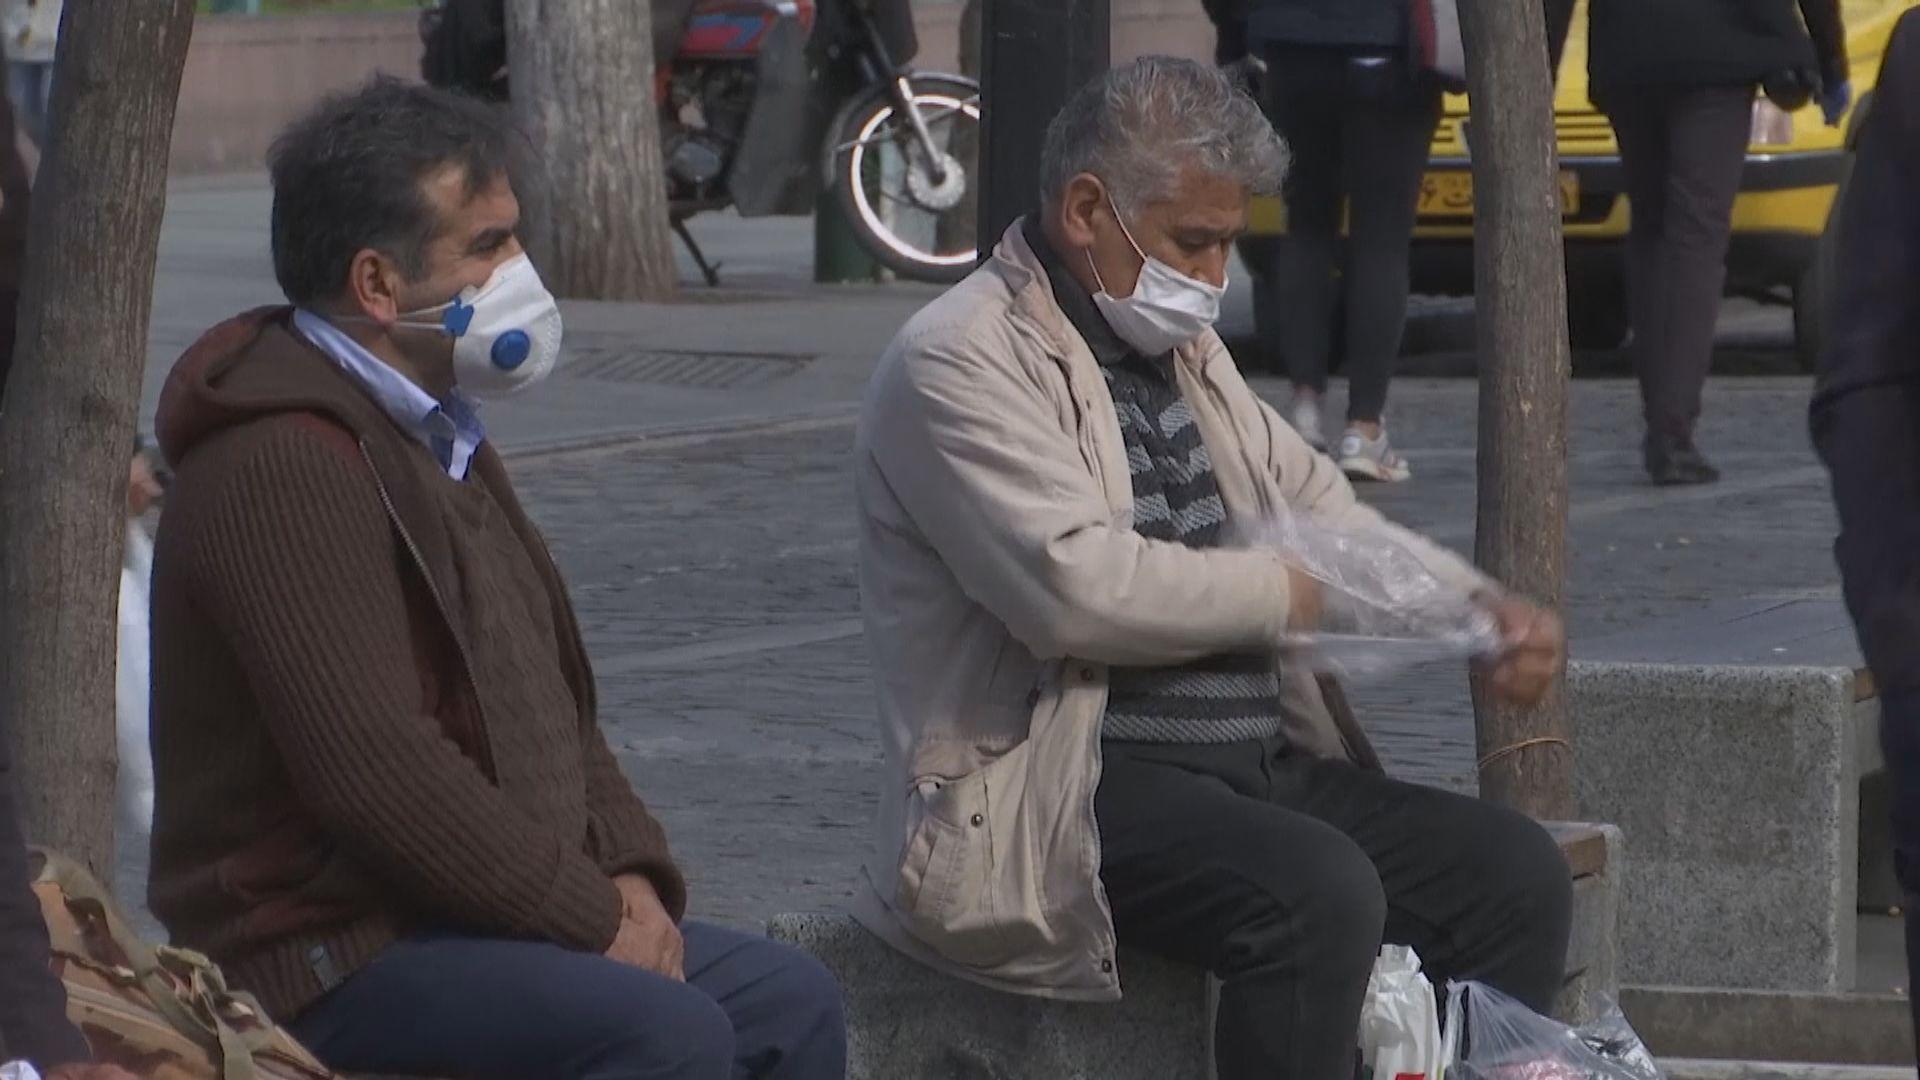 伊朗暫時釋放七萬名囚犯 防止監獄爆發疫情